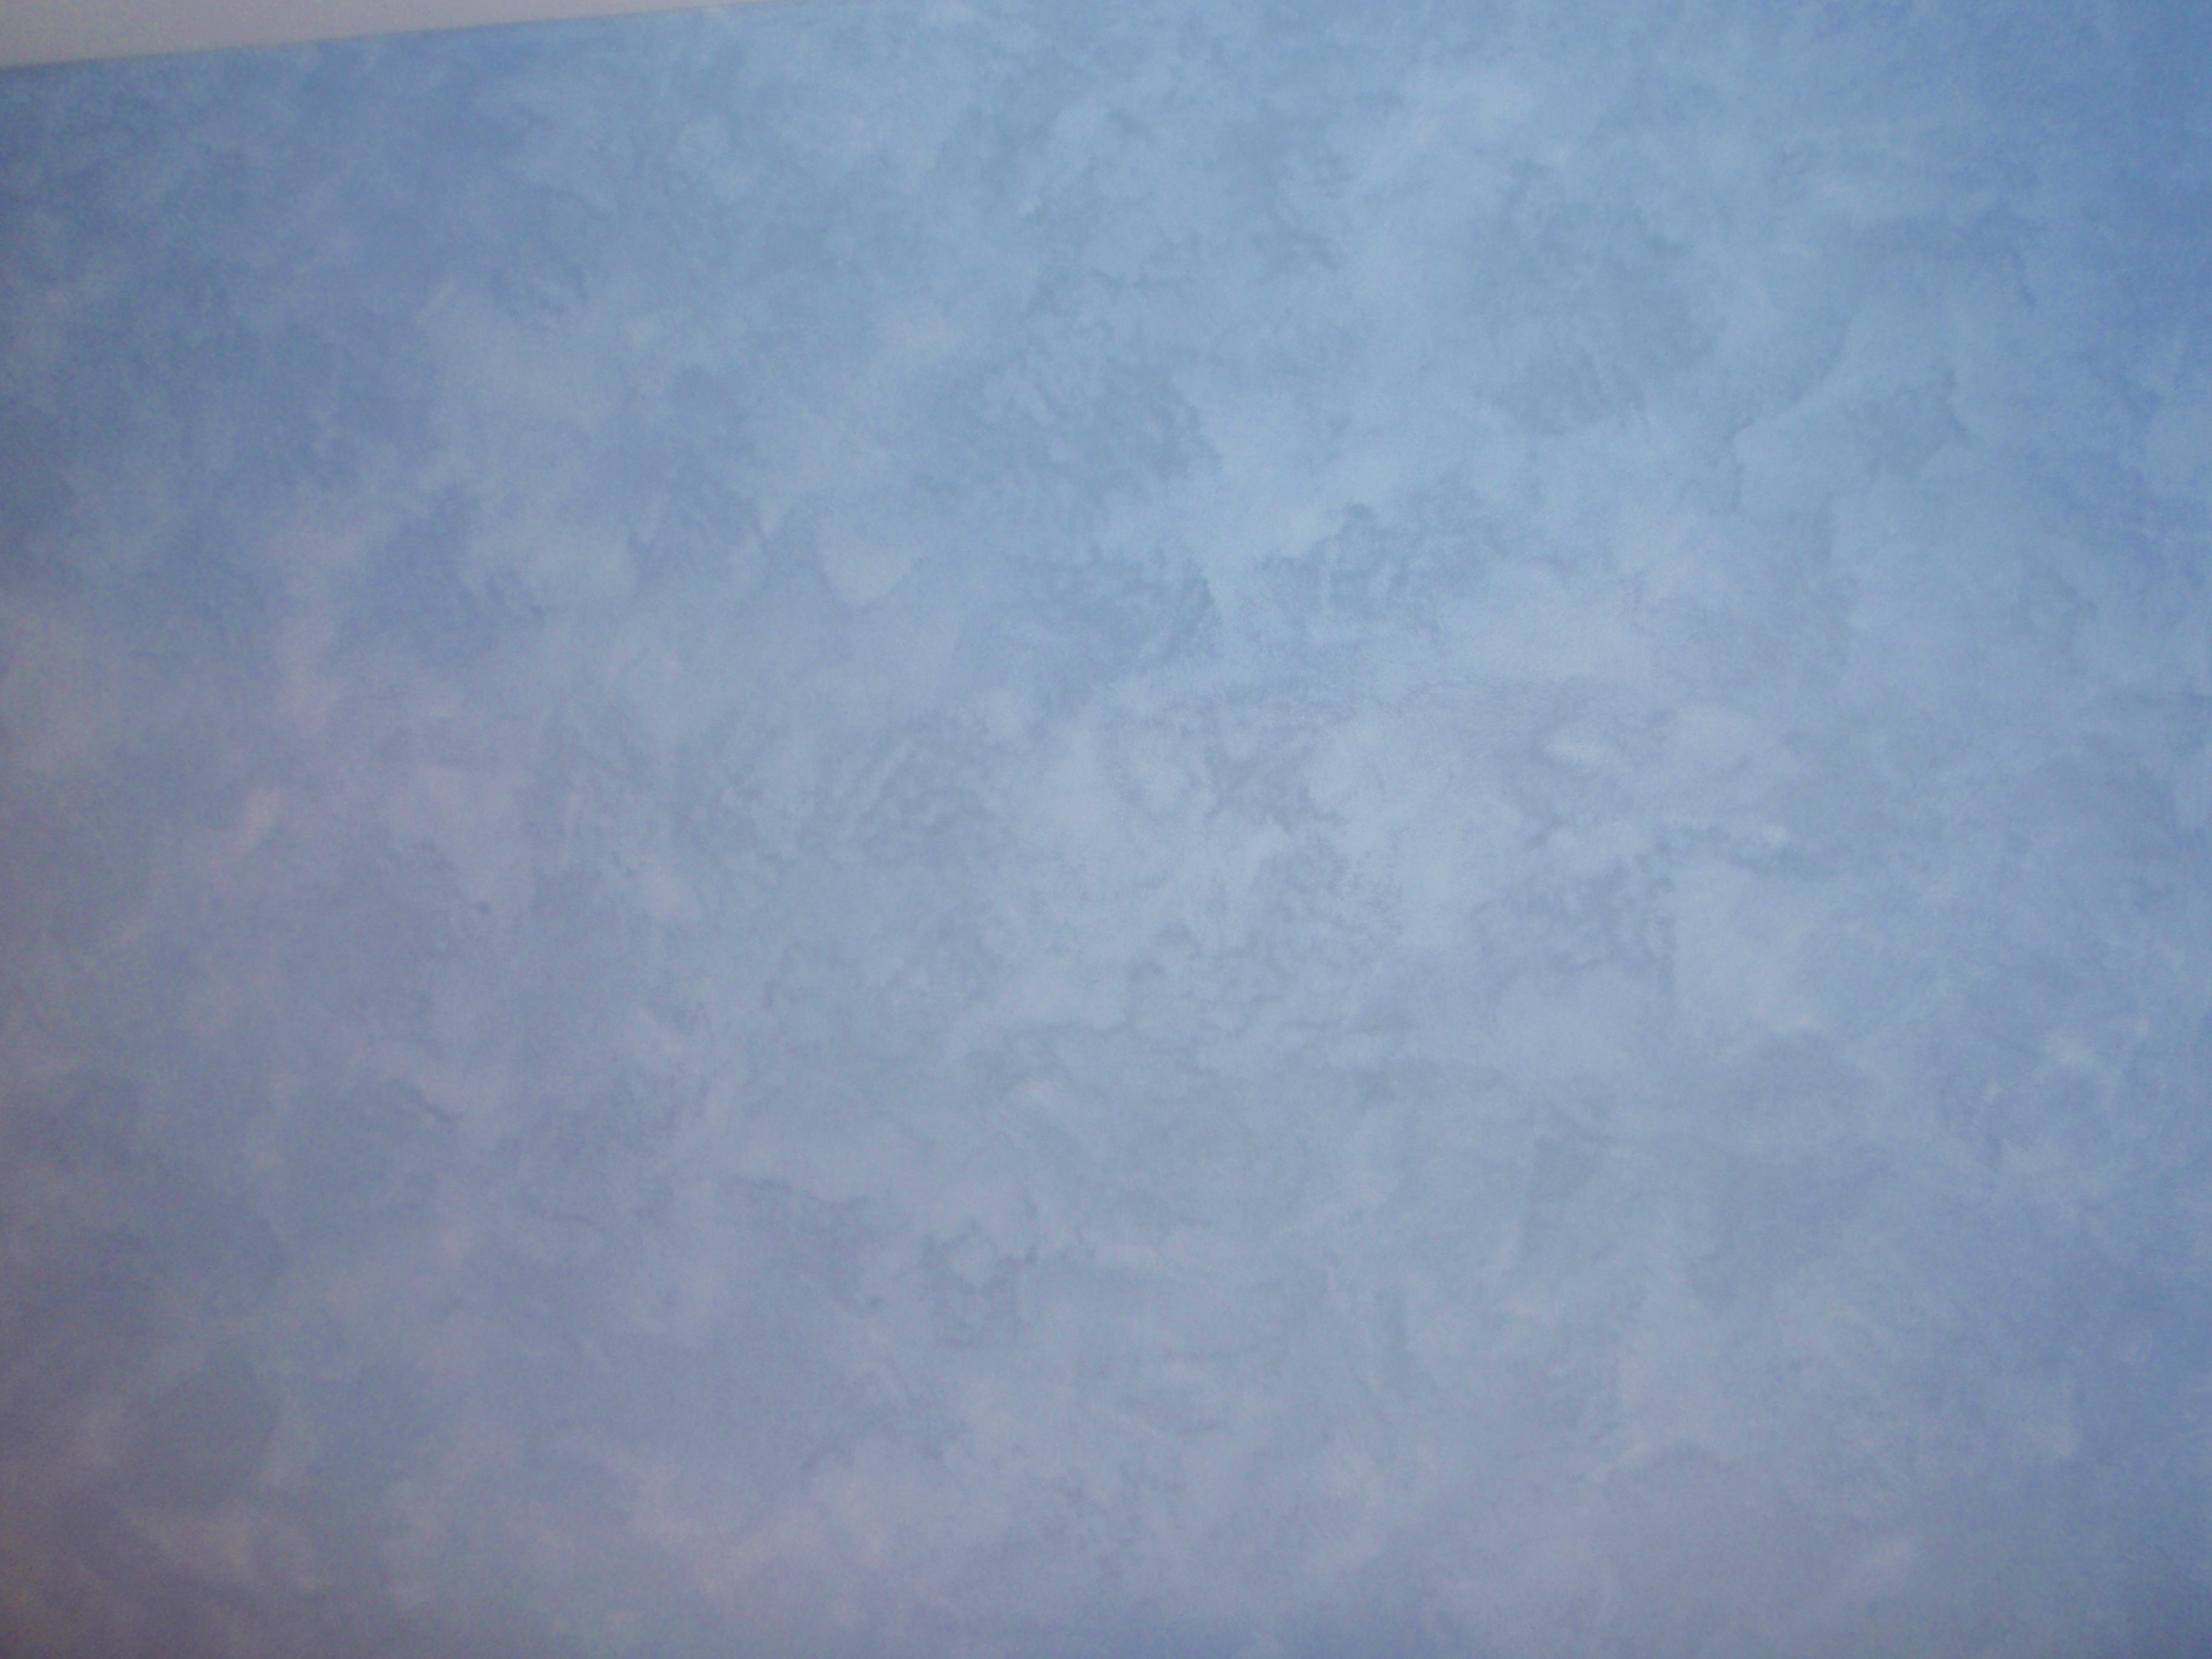 Michel proÏcs   travaux de peinture, stucc, peinture sablée ...